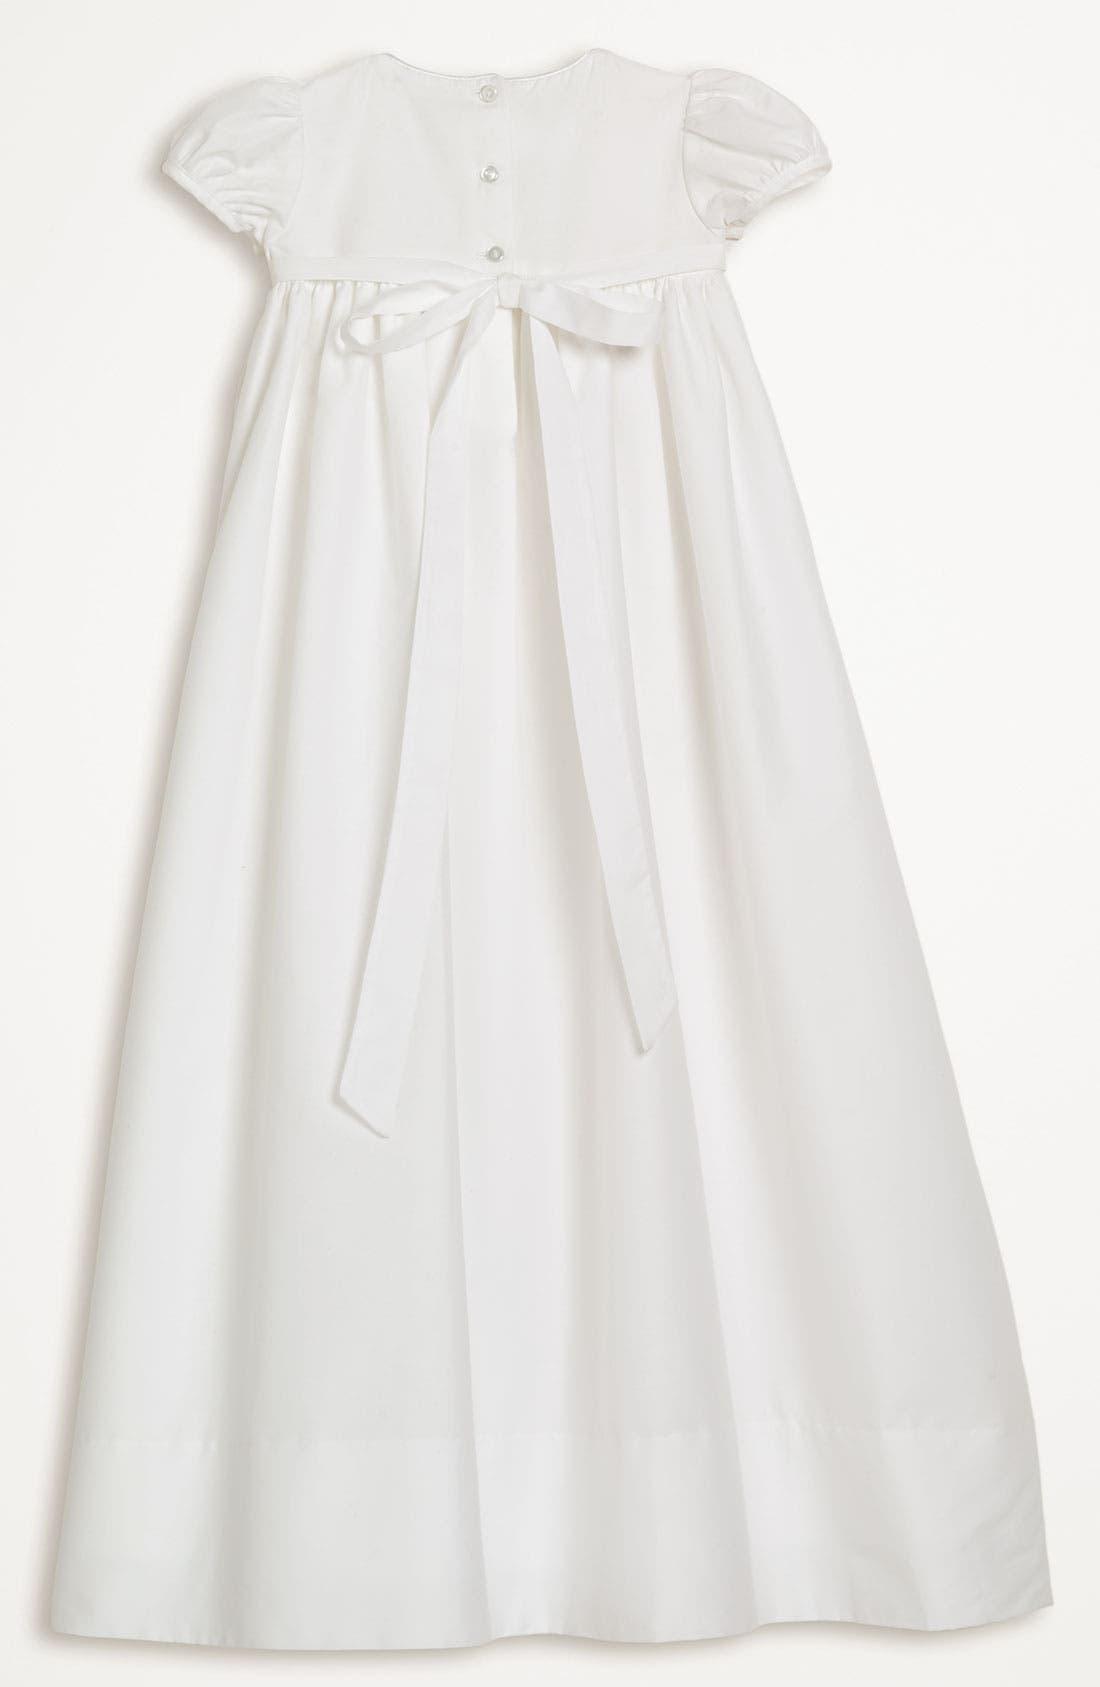 LITTLE THINGS MEAN A LOT, Gown & Bonnet, Alternate thumbnail 2, color, WHITE